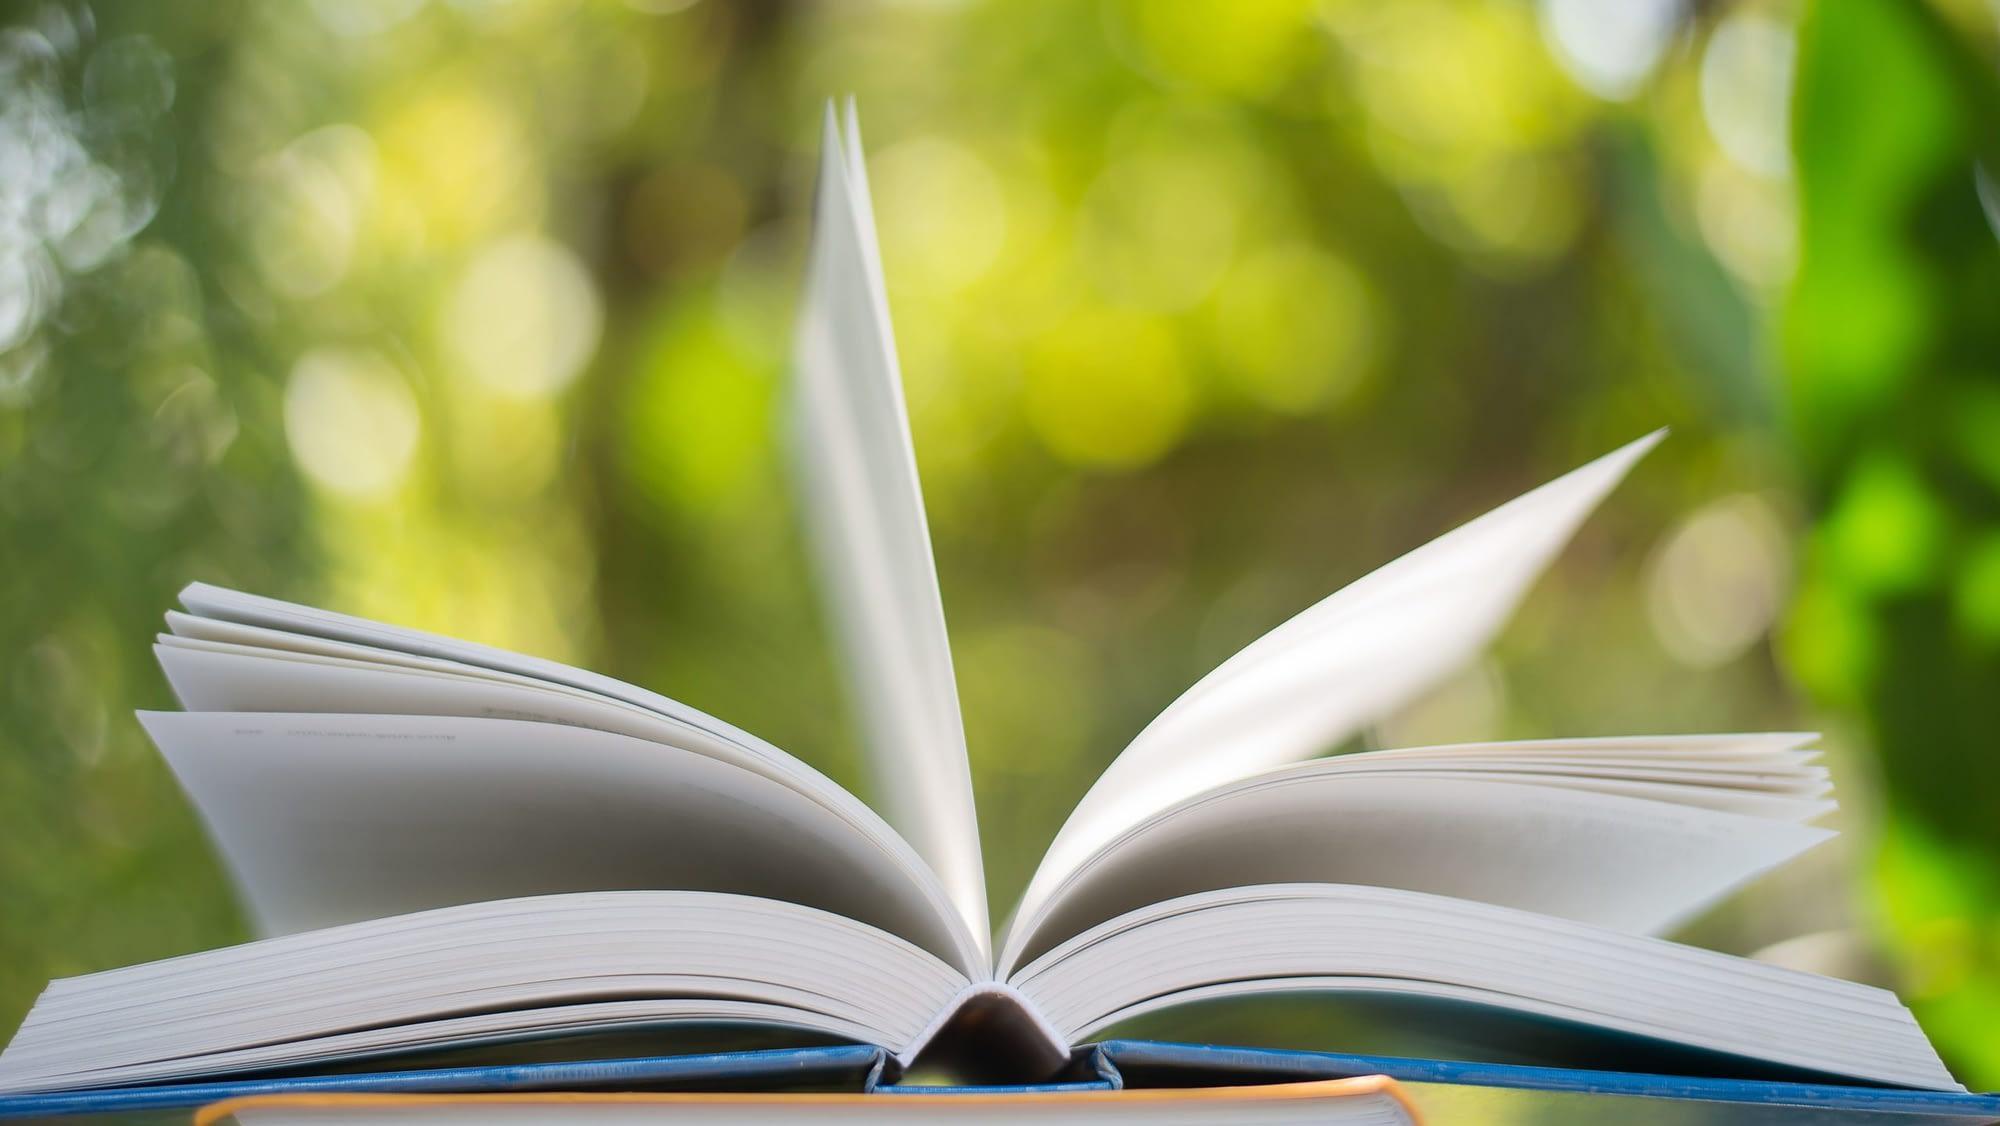 Livre ouvert  Importance de la lecture pour l'espérance de vie